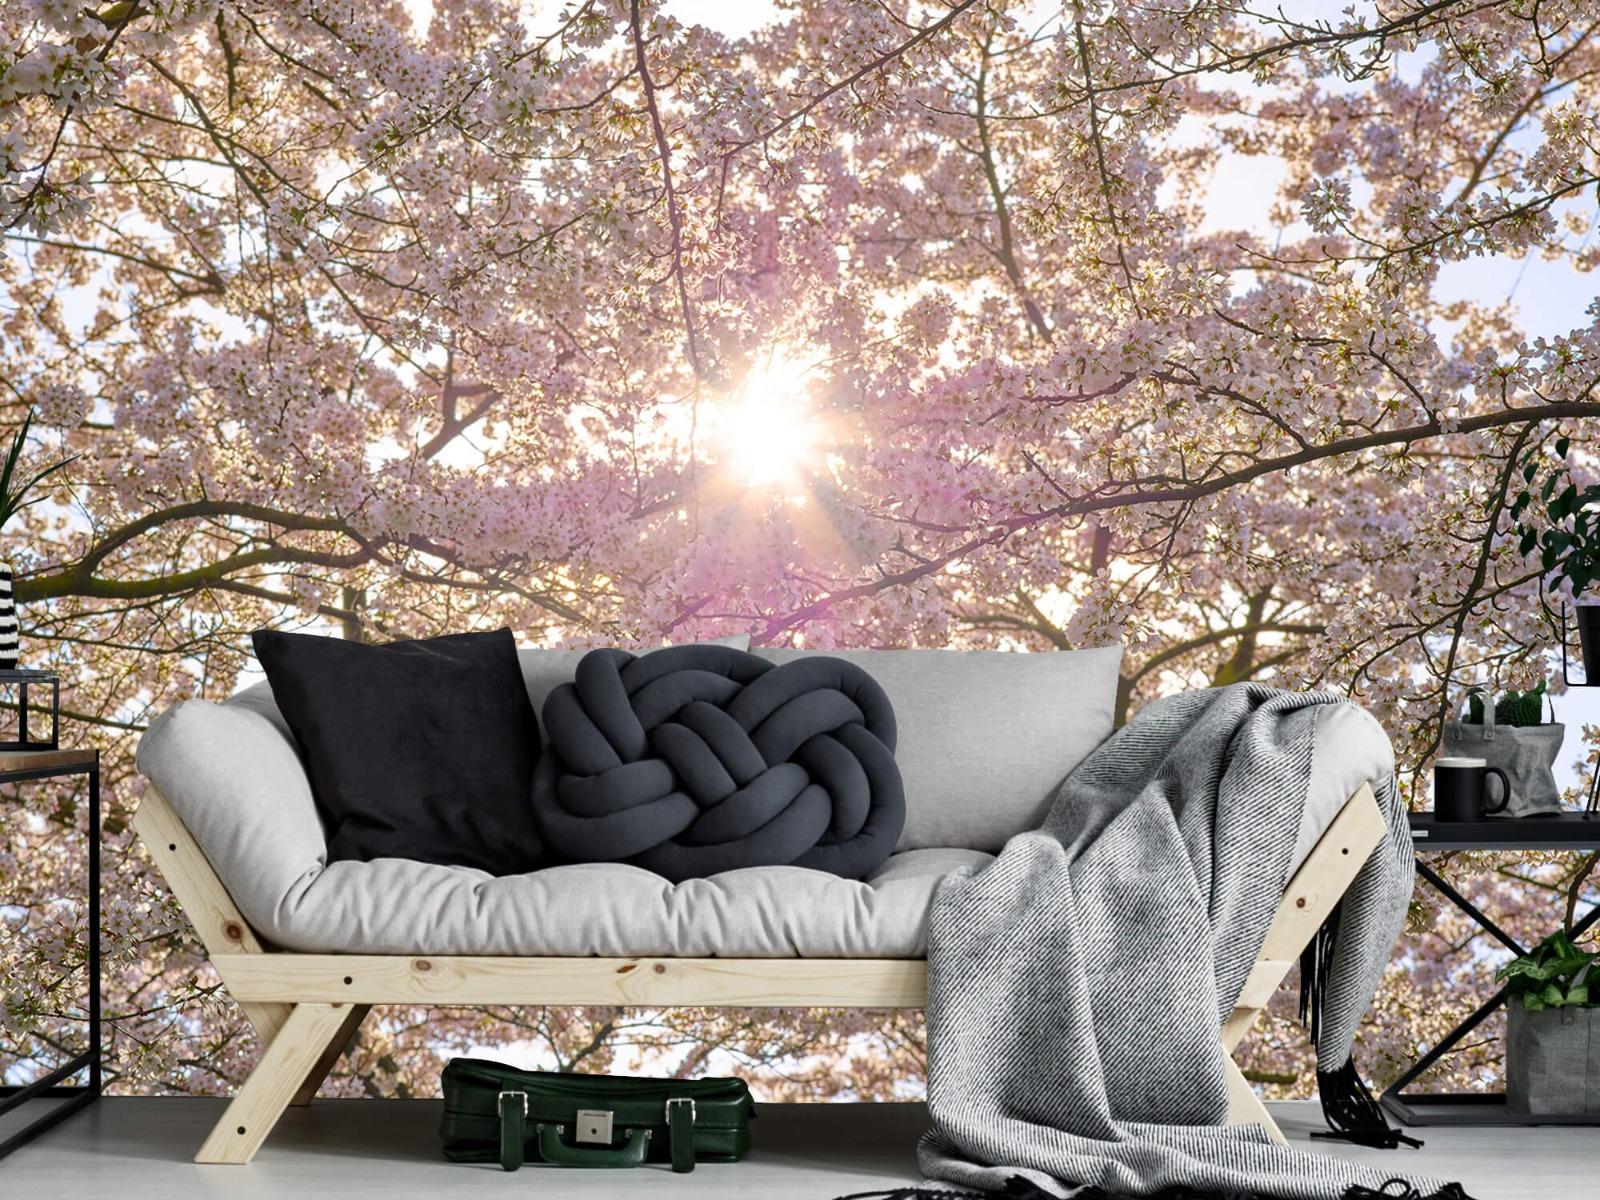 Zon - Bloesem in de zon - Woonkamer 6